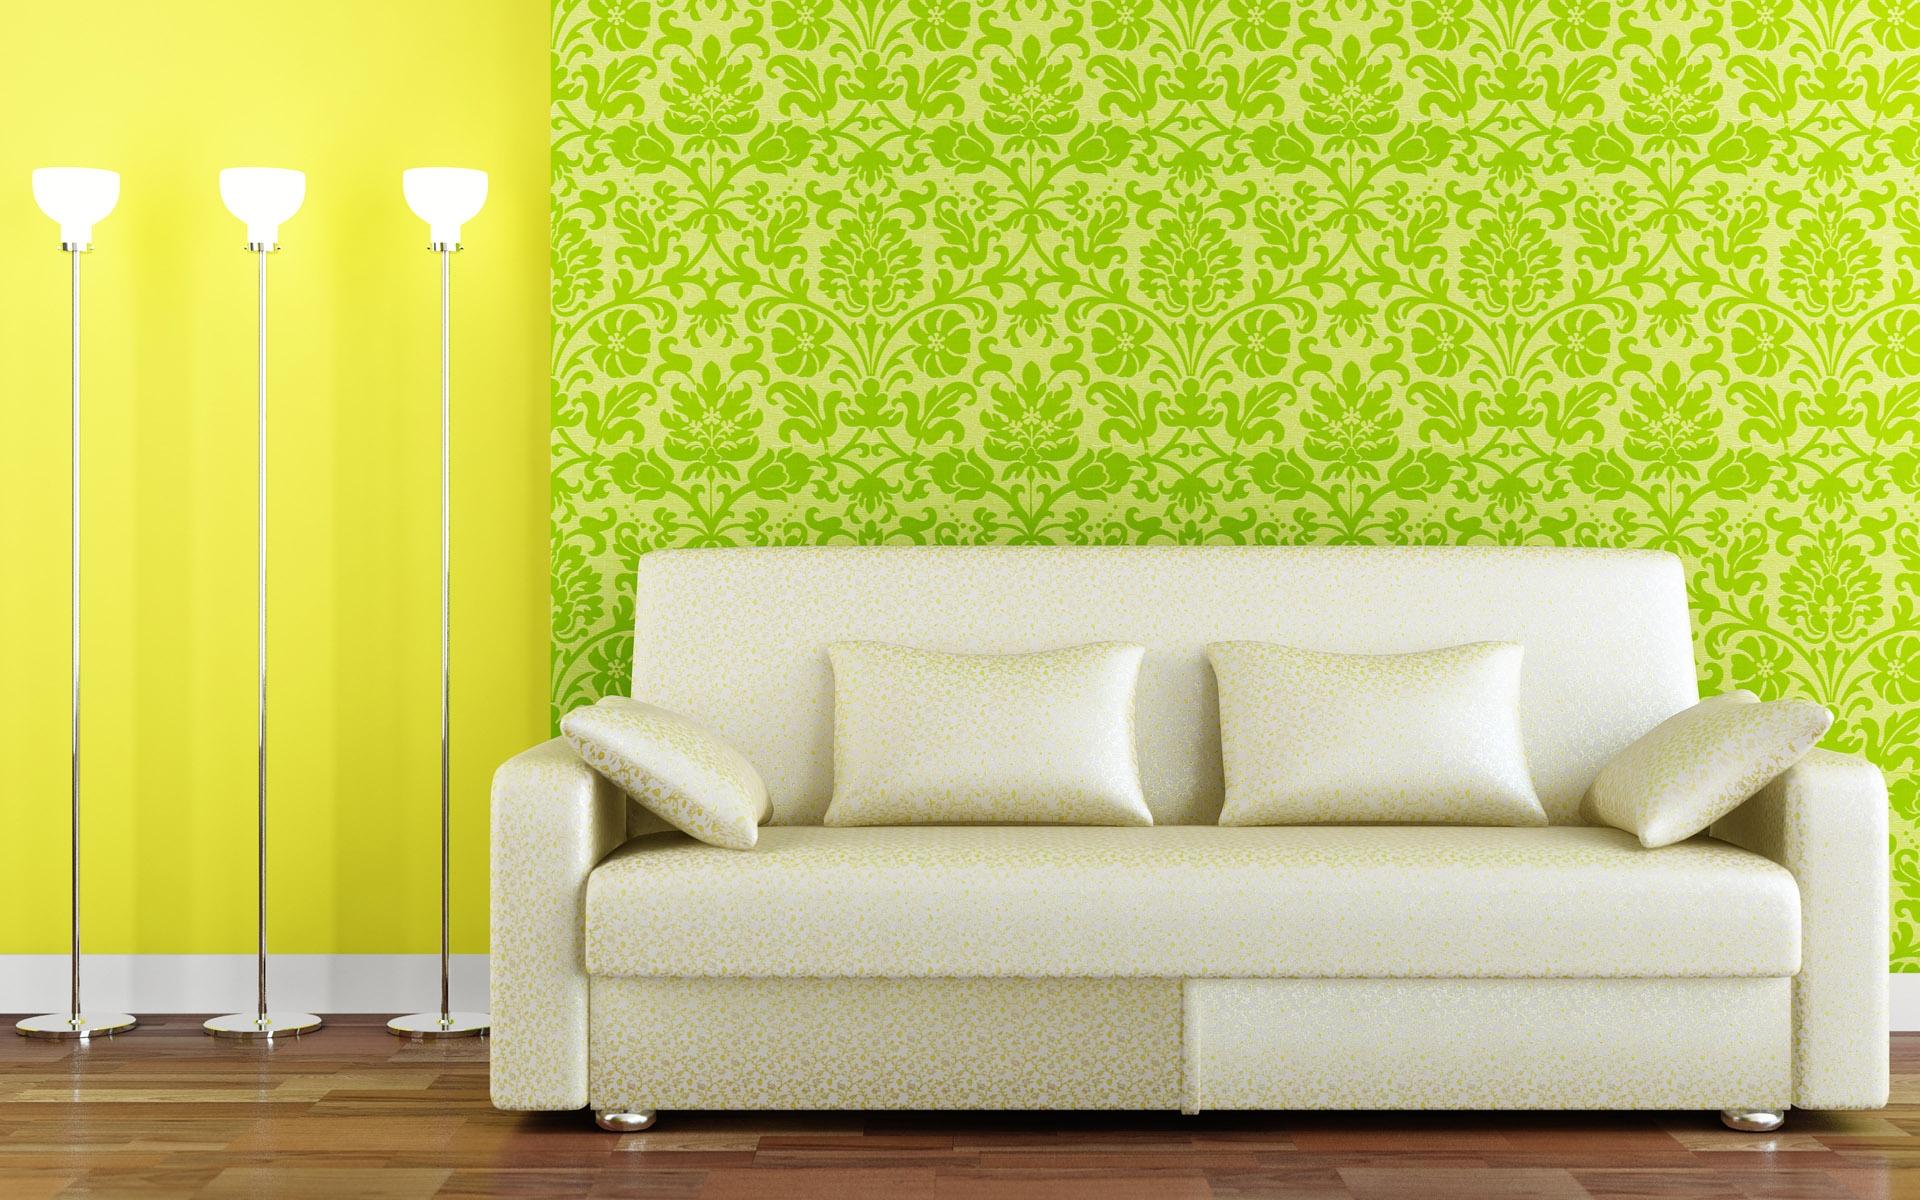 Hintergrundbilder : Mauer, Couch, Grün, Gelb, Innenarchitektur, Sofa ...